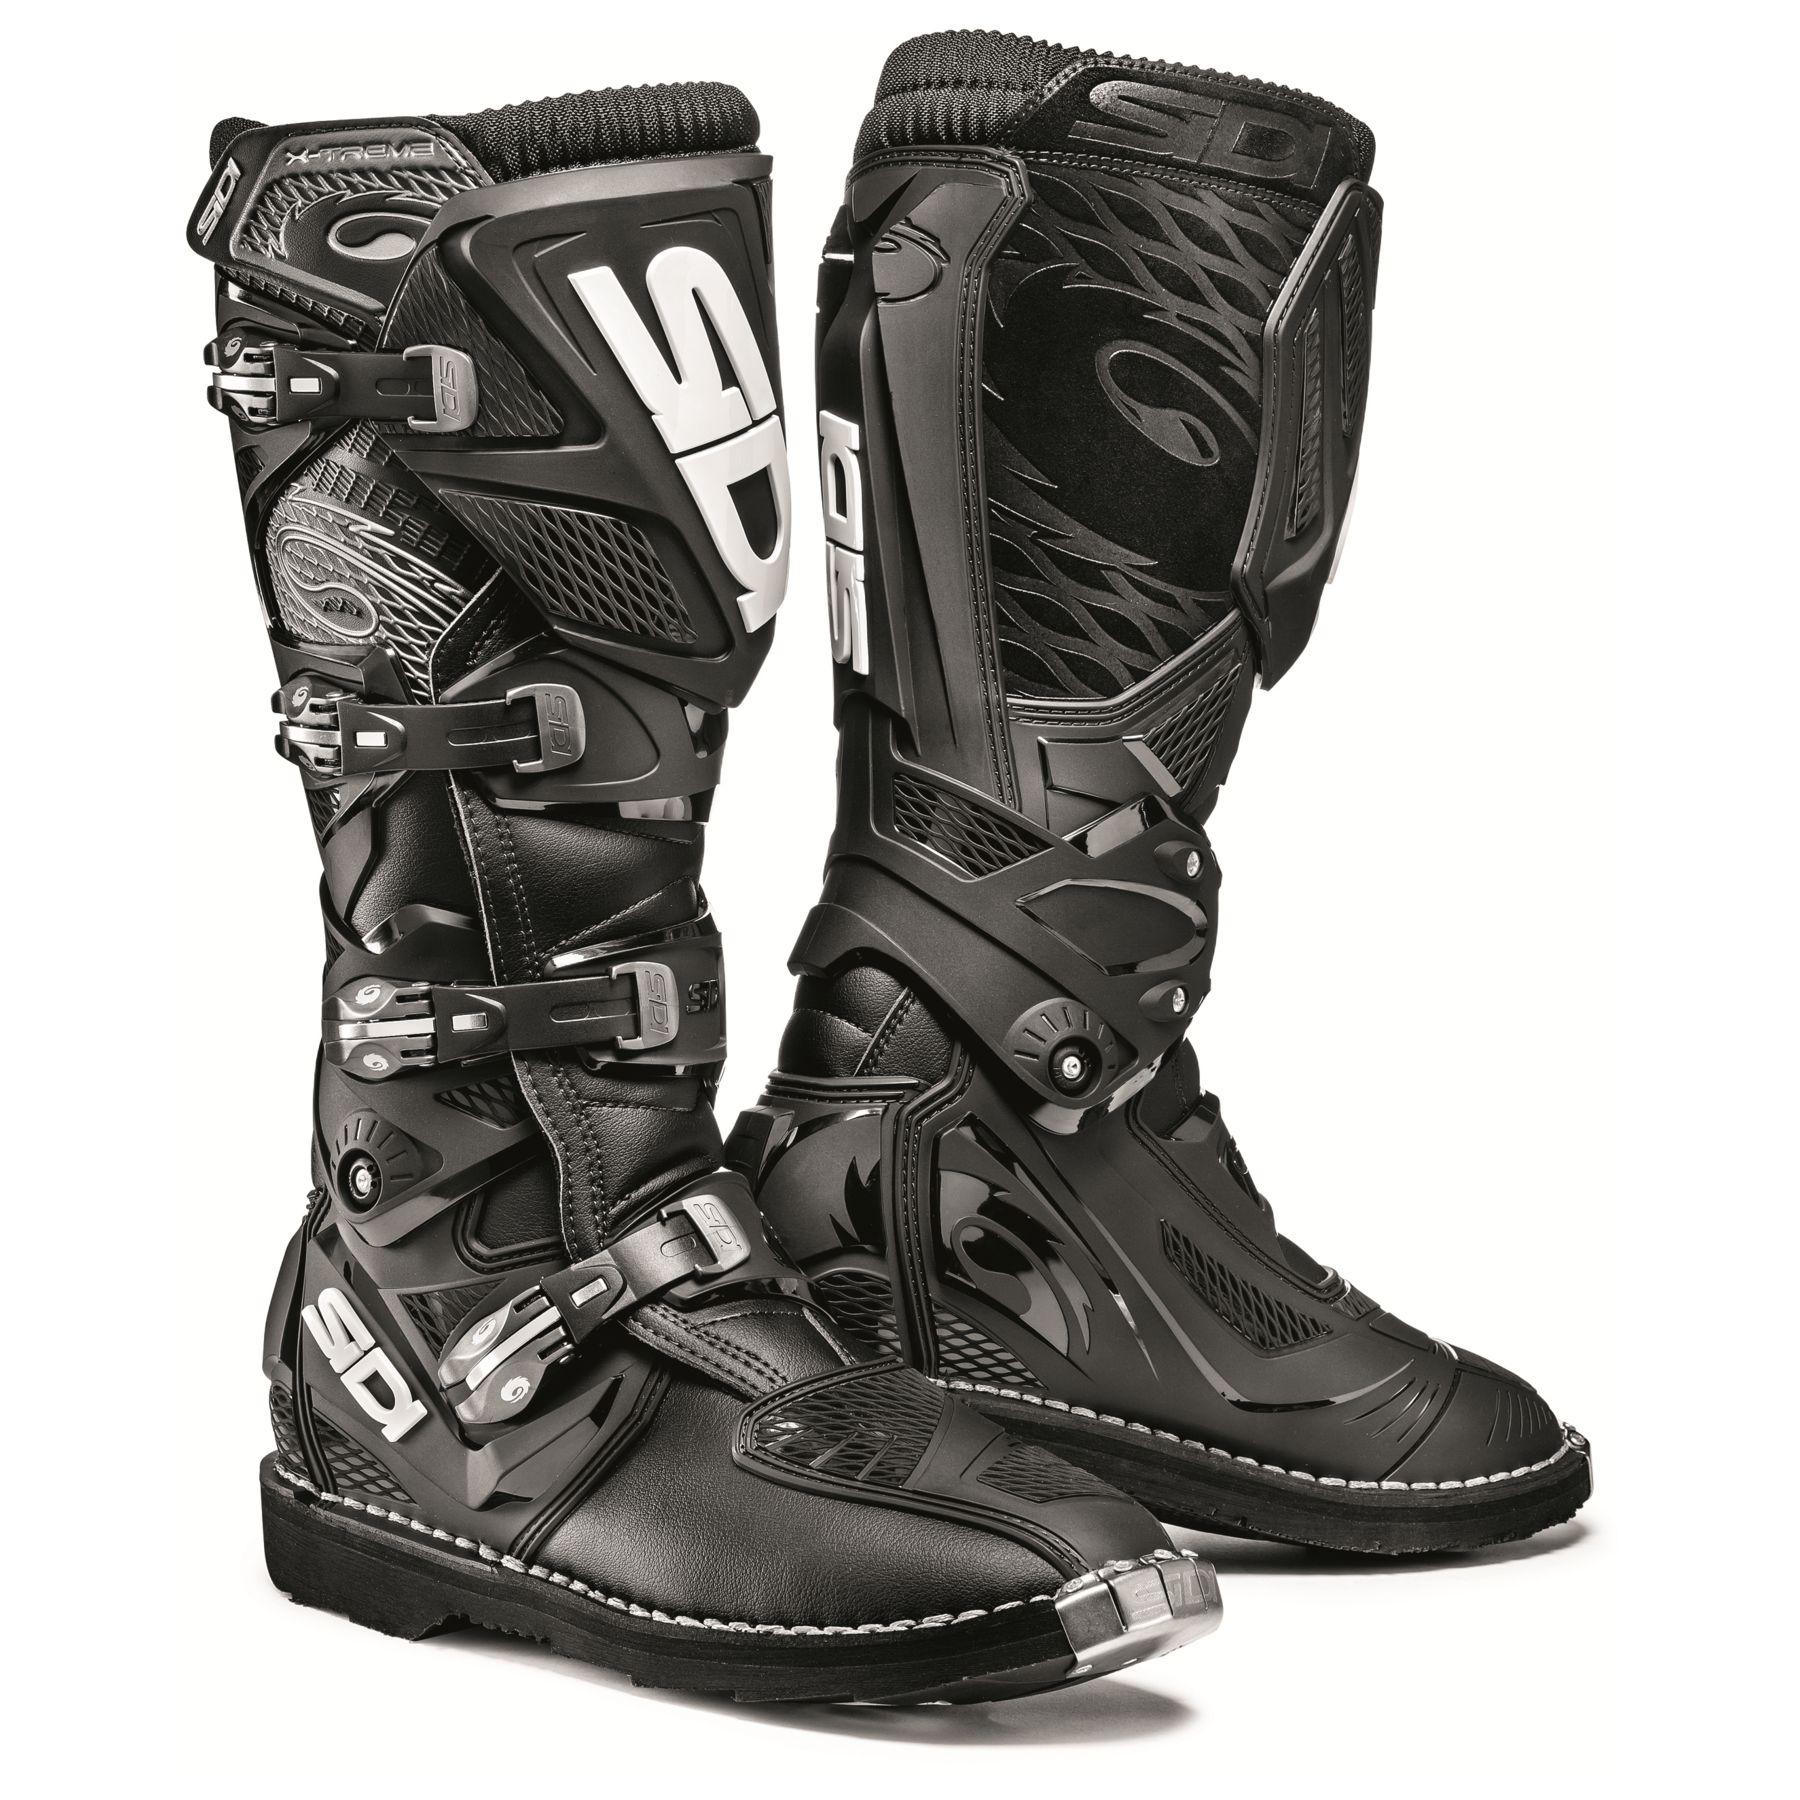 Sidi X-3 Black/Black Boots